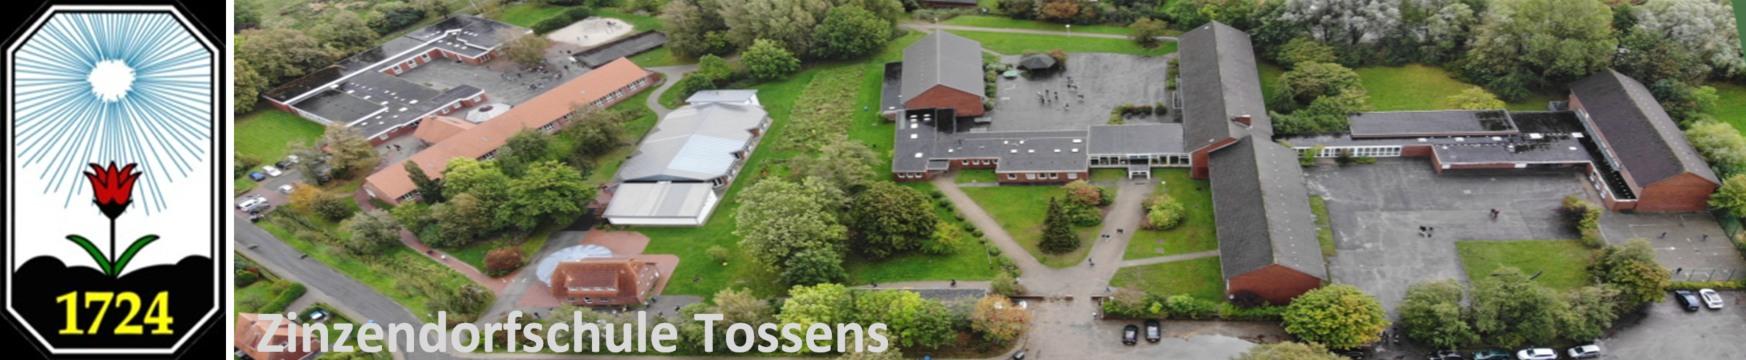 Zinzendorfschule Tossens